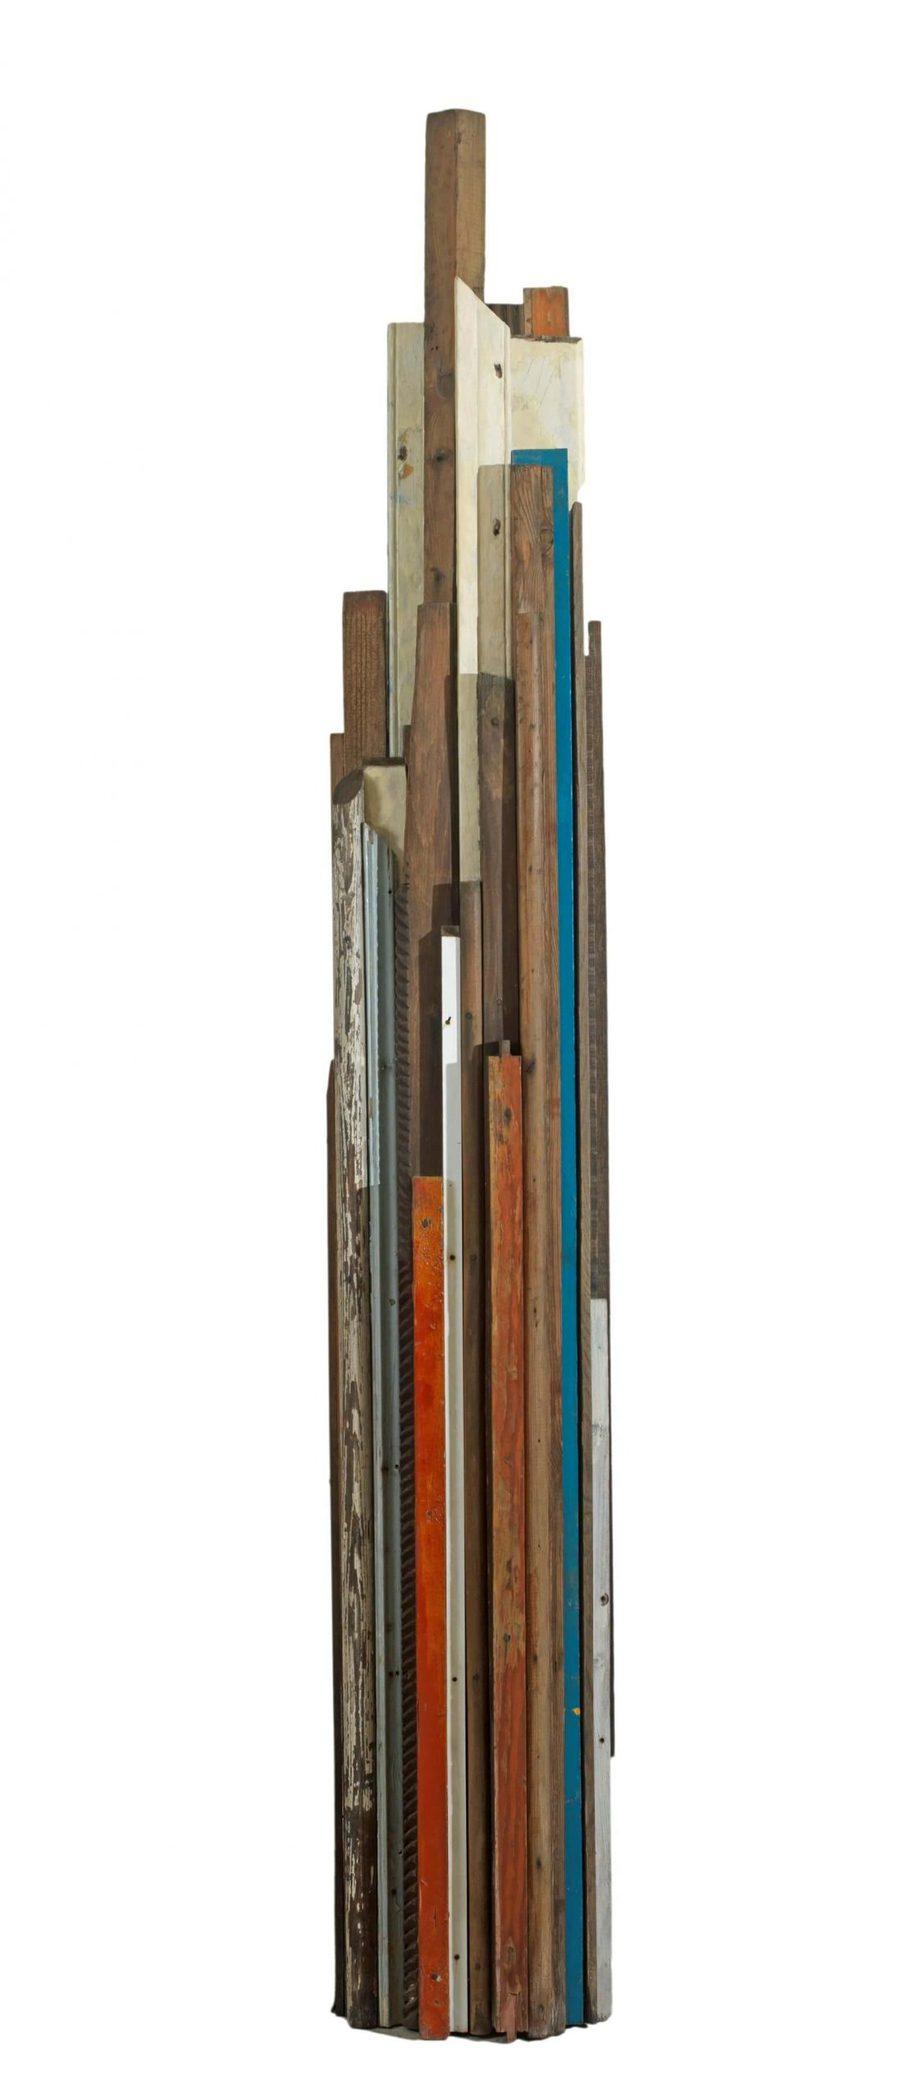 ΒΑΣΙΛΗΣ ΣΚΥΛΑΚΟΣ (1930-2000) «Χωρίς τίτλο» χρώμα,ξύλο 1990 200 x 30 x 20 εκ. έργο τέχνης - Roma Gallery